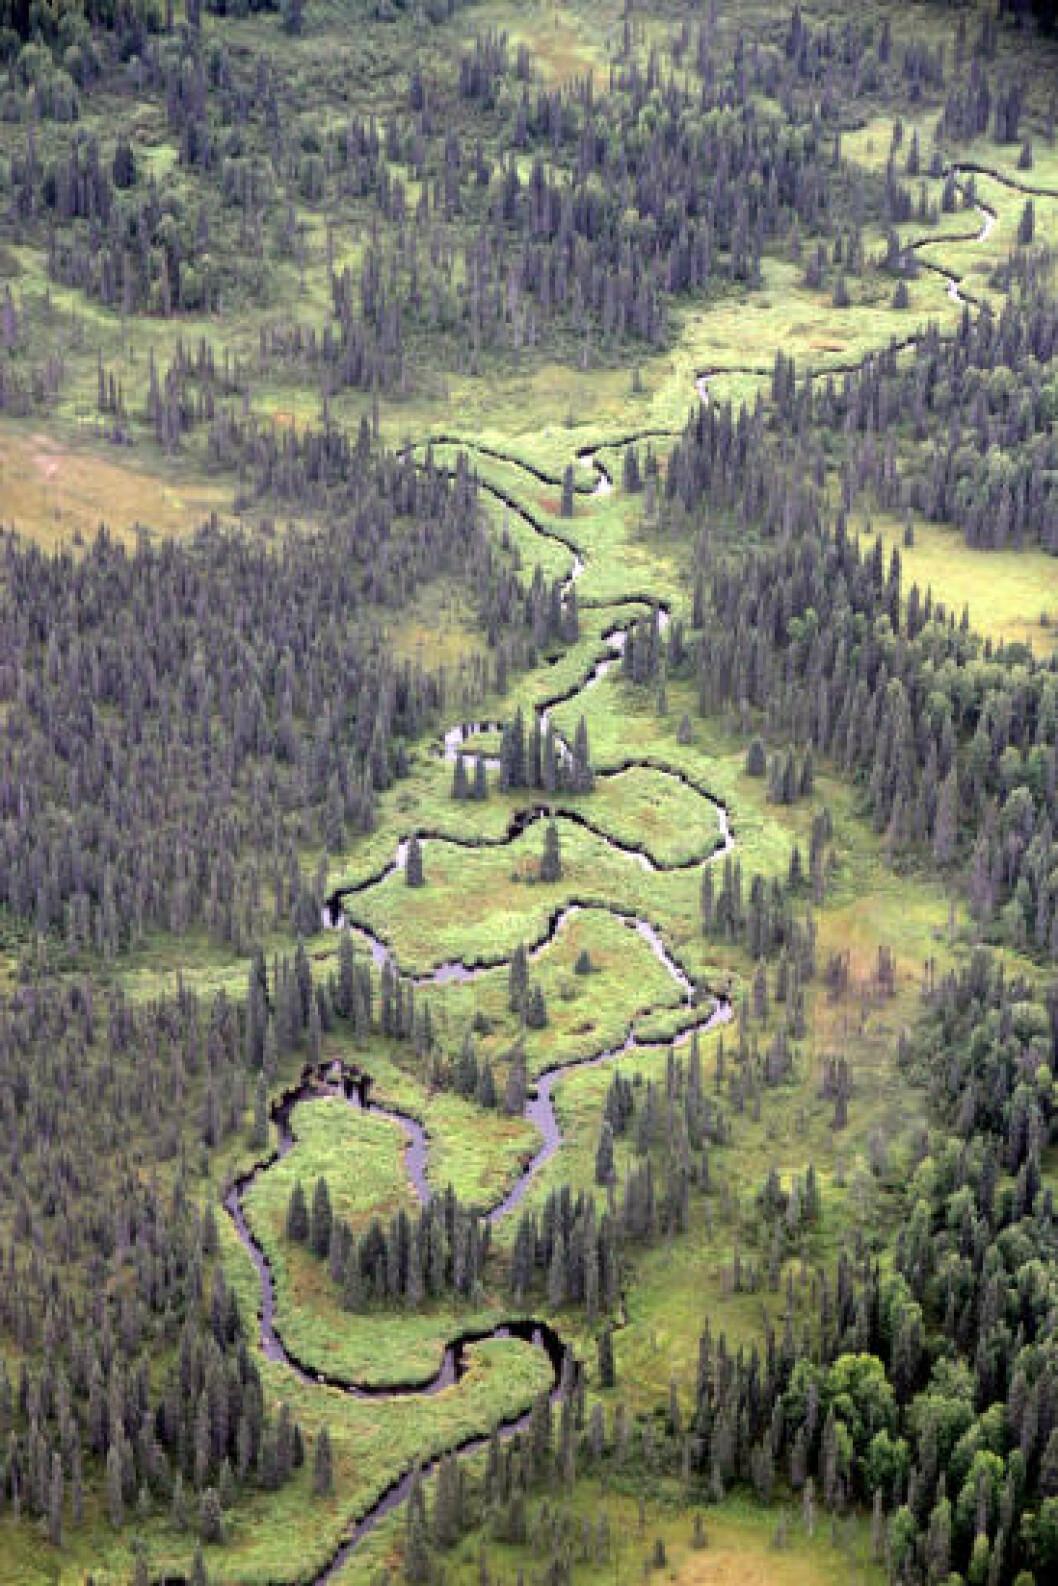 <strong>ØDE:</strong> Alaska er fem ganger større enn hele Norge, men har under 800 000 inbyggere. Det er altså mye natur. Foto: RUNAR LARSEN